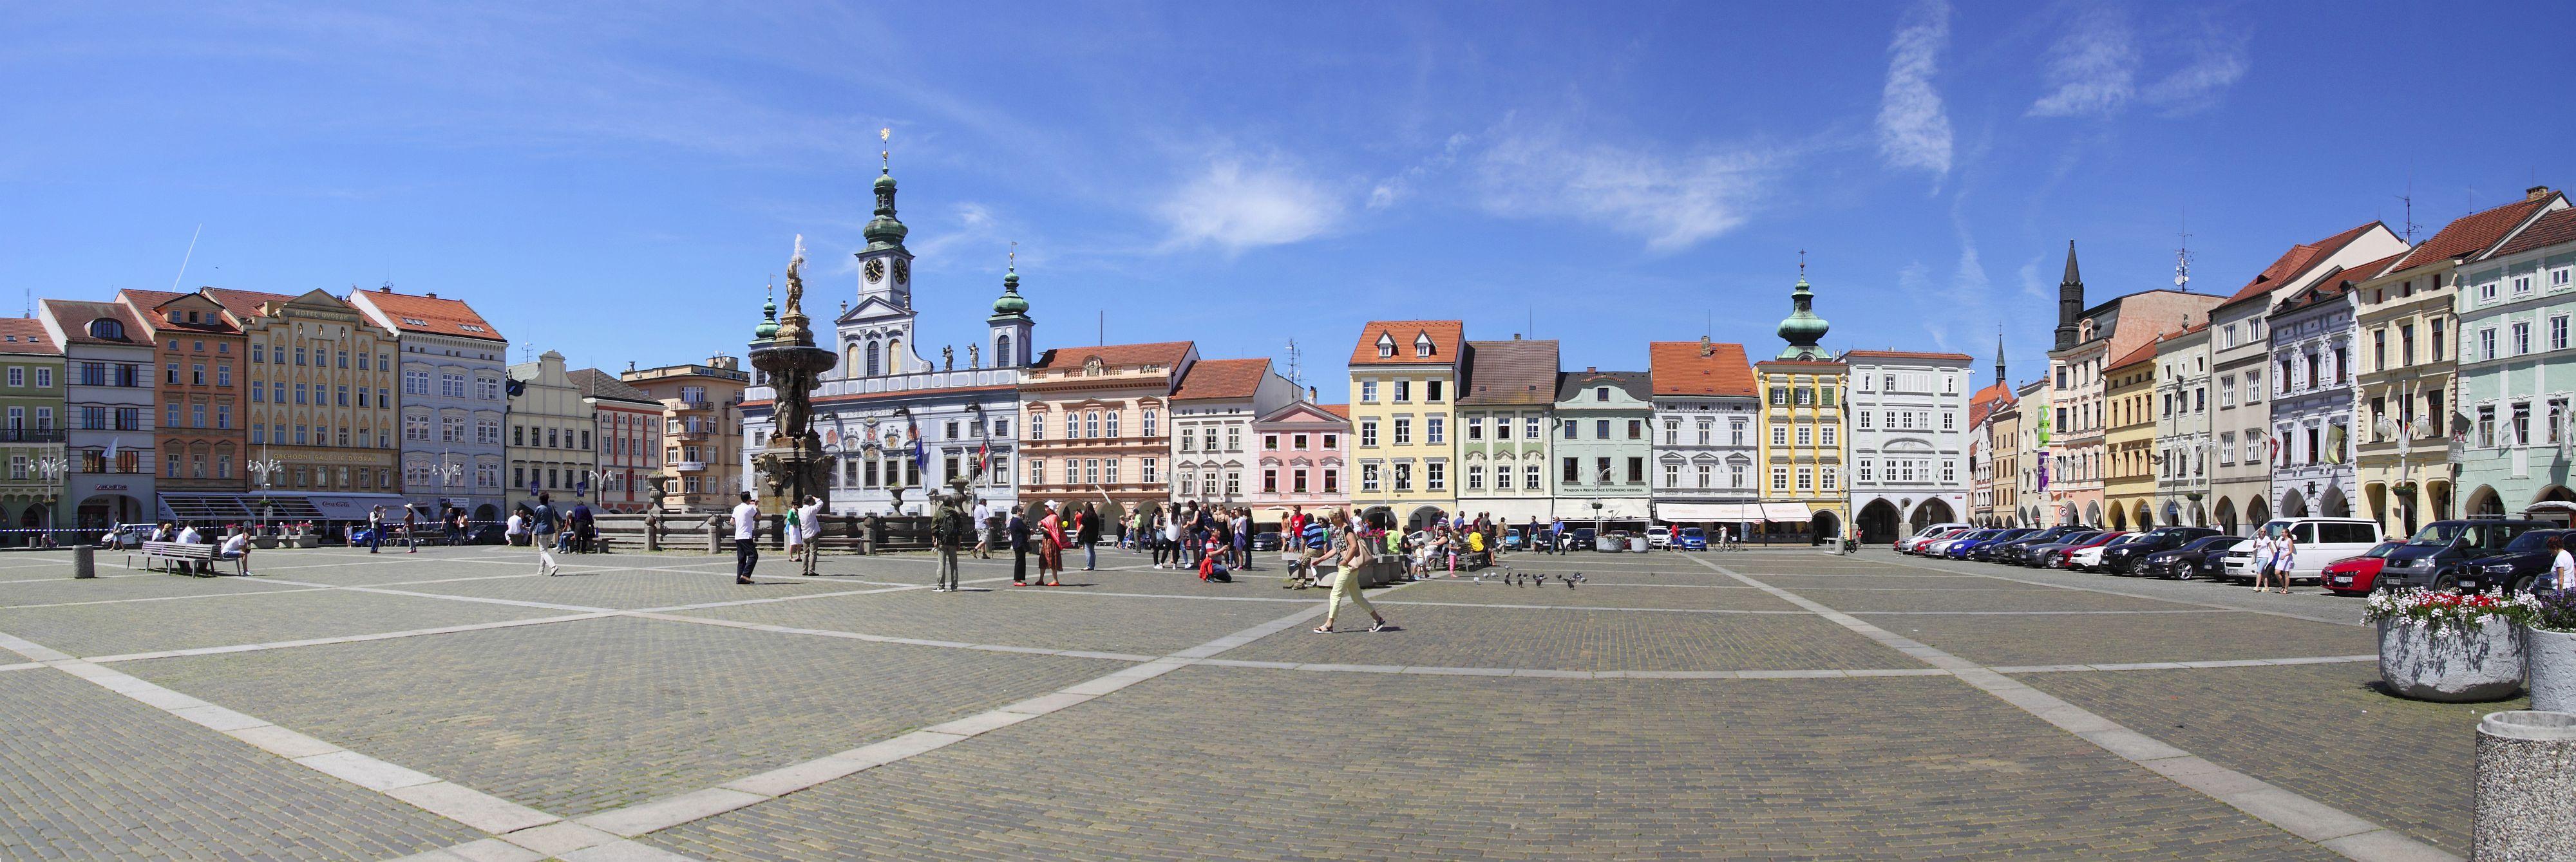 Marktplatz mit Samsonbrunnen, Budweis